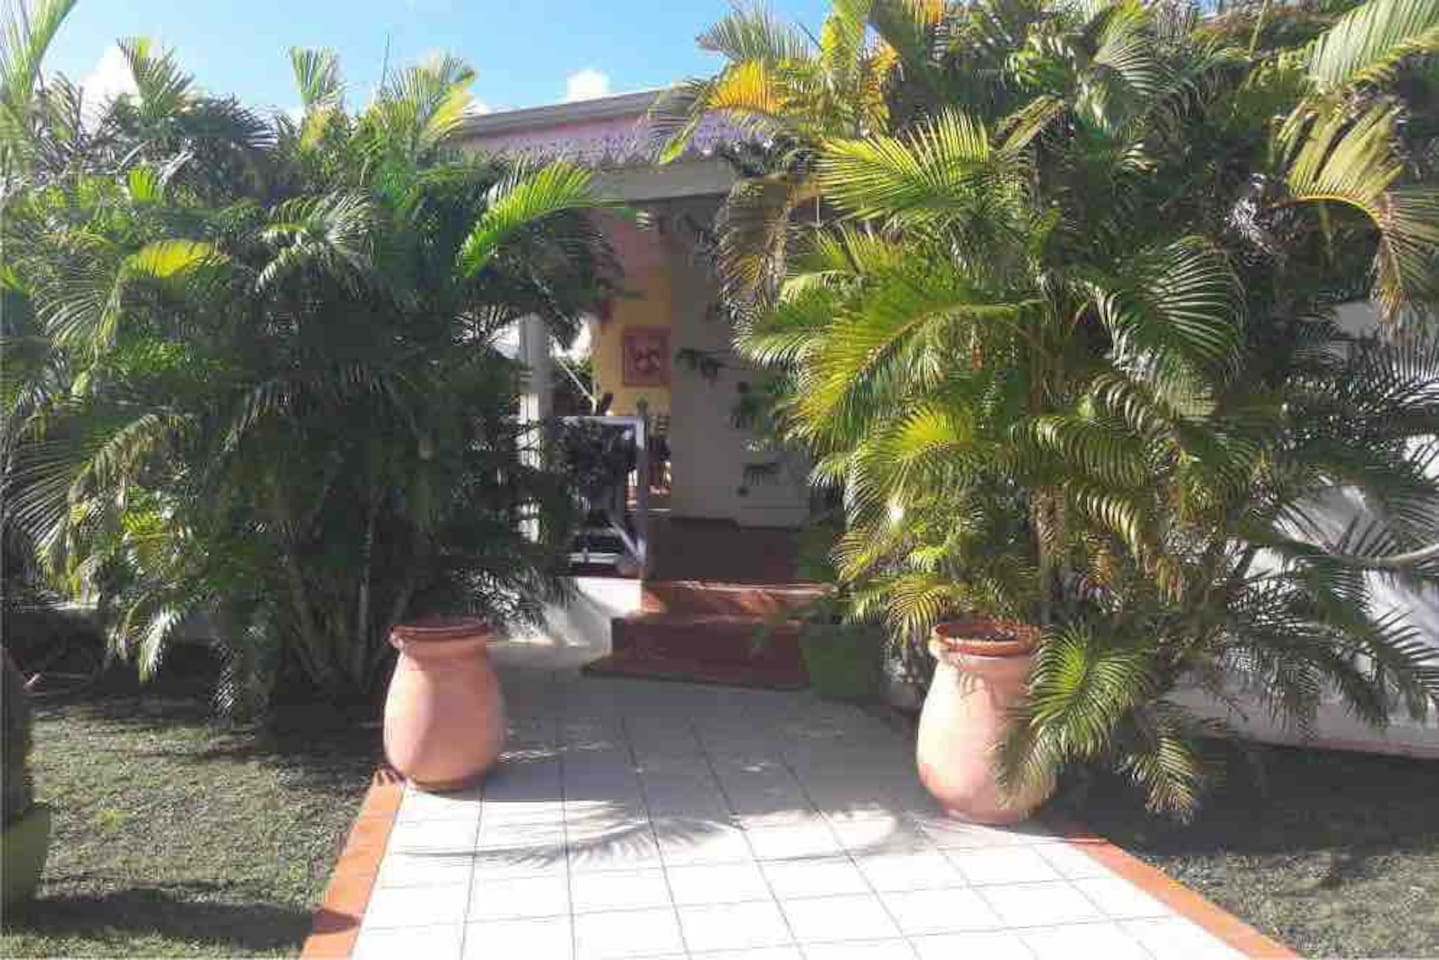 L'entrée de la maison / House's entry